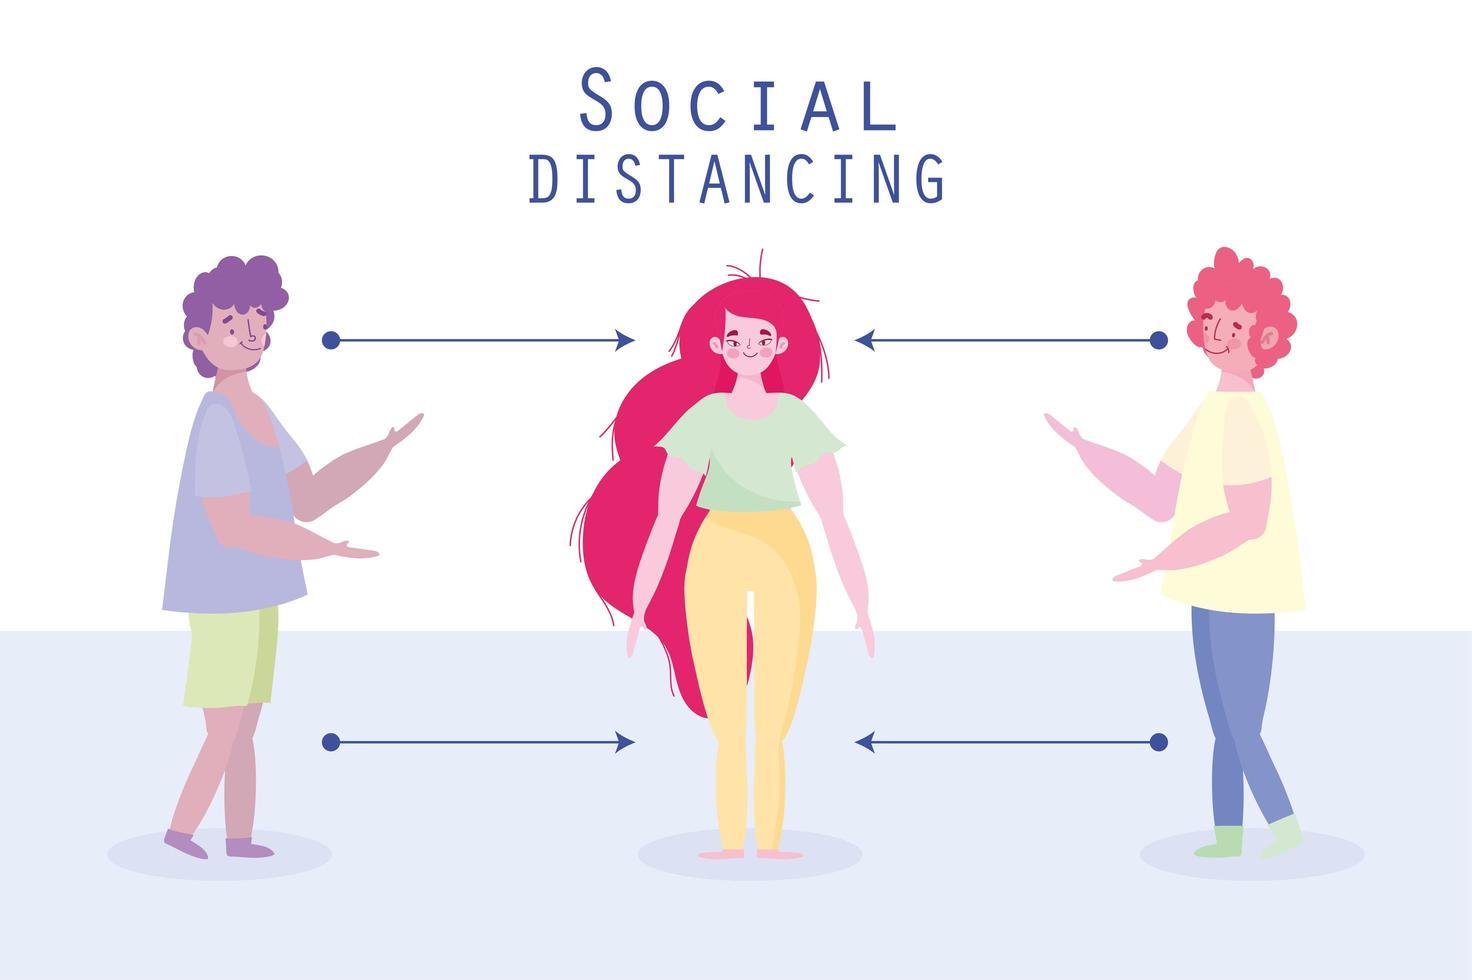 mensen die apart staan om sociale afstand te beoefenen vector